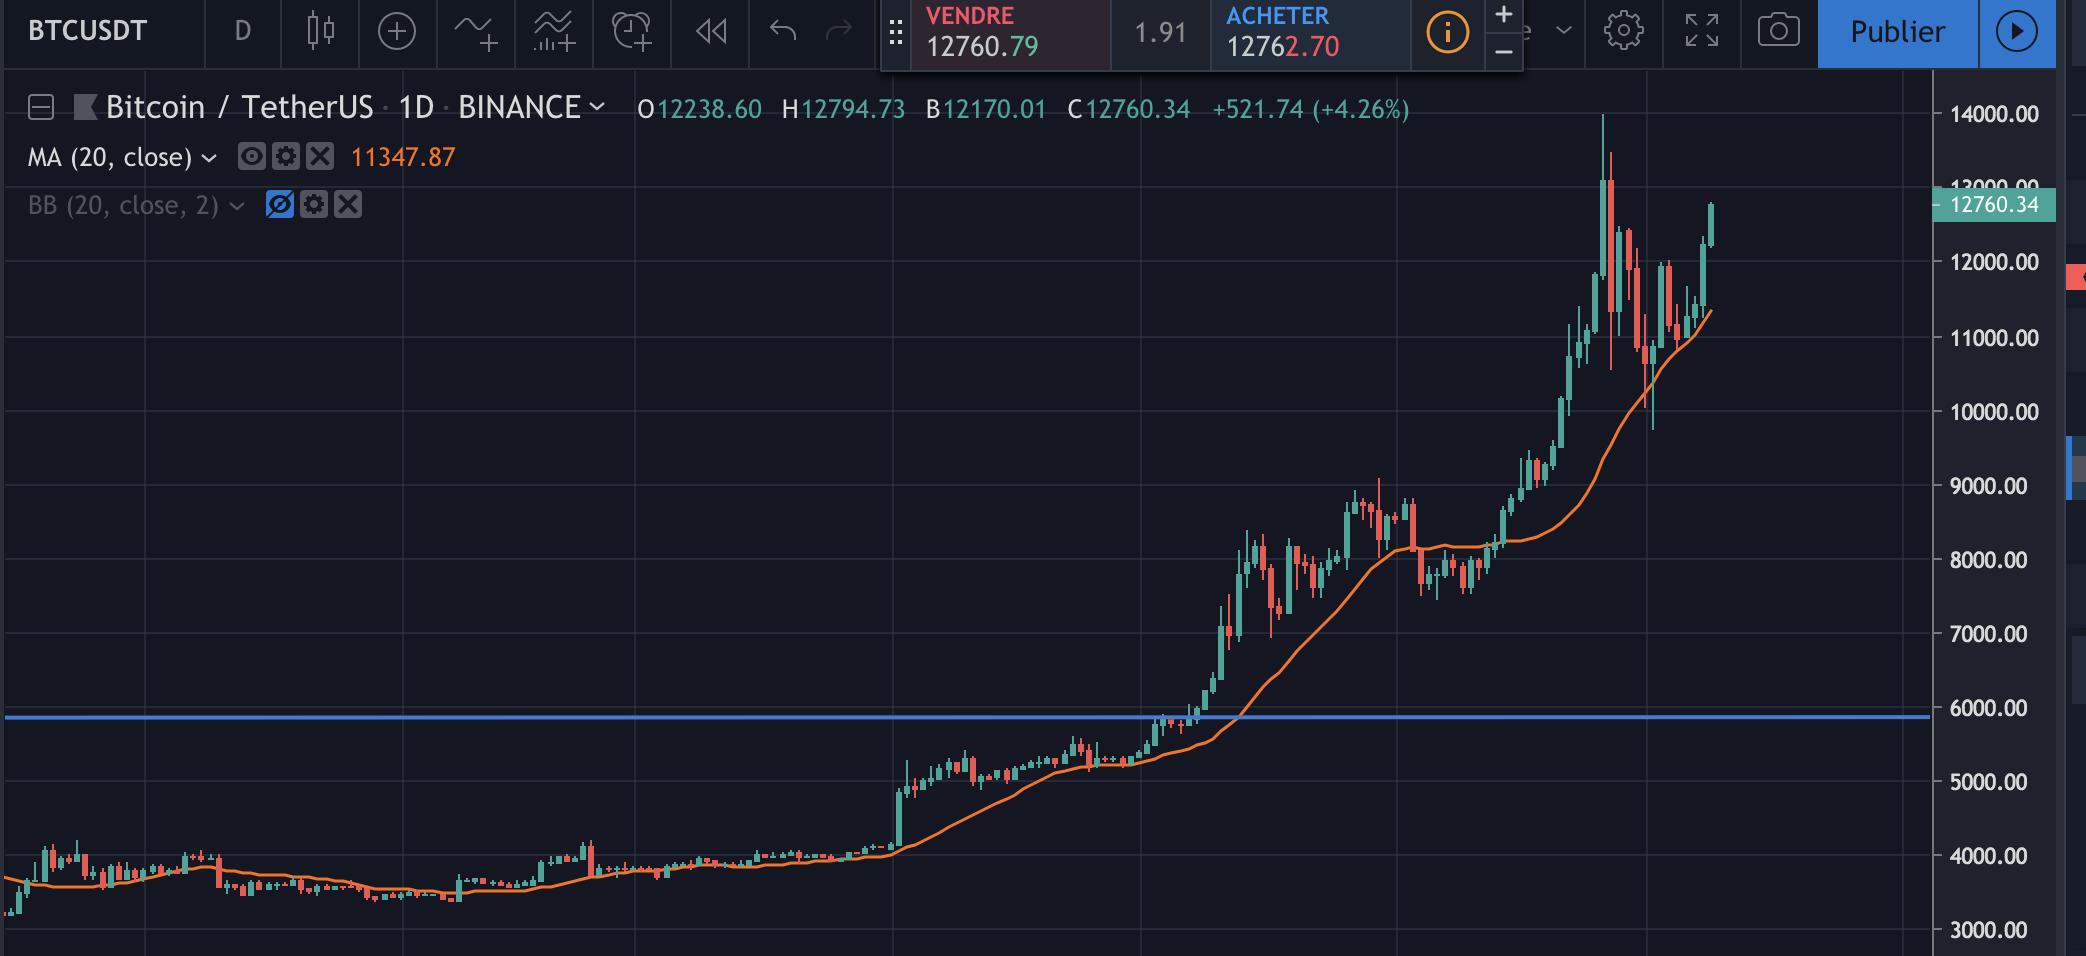 Graphique du Bitcoin/USDT en 2019 en 1D sur Binance. Source : TradingView